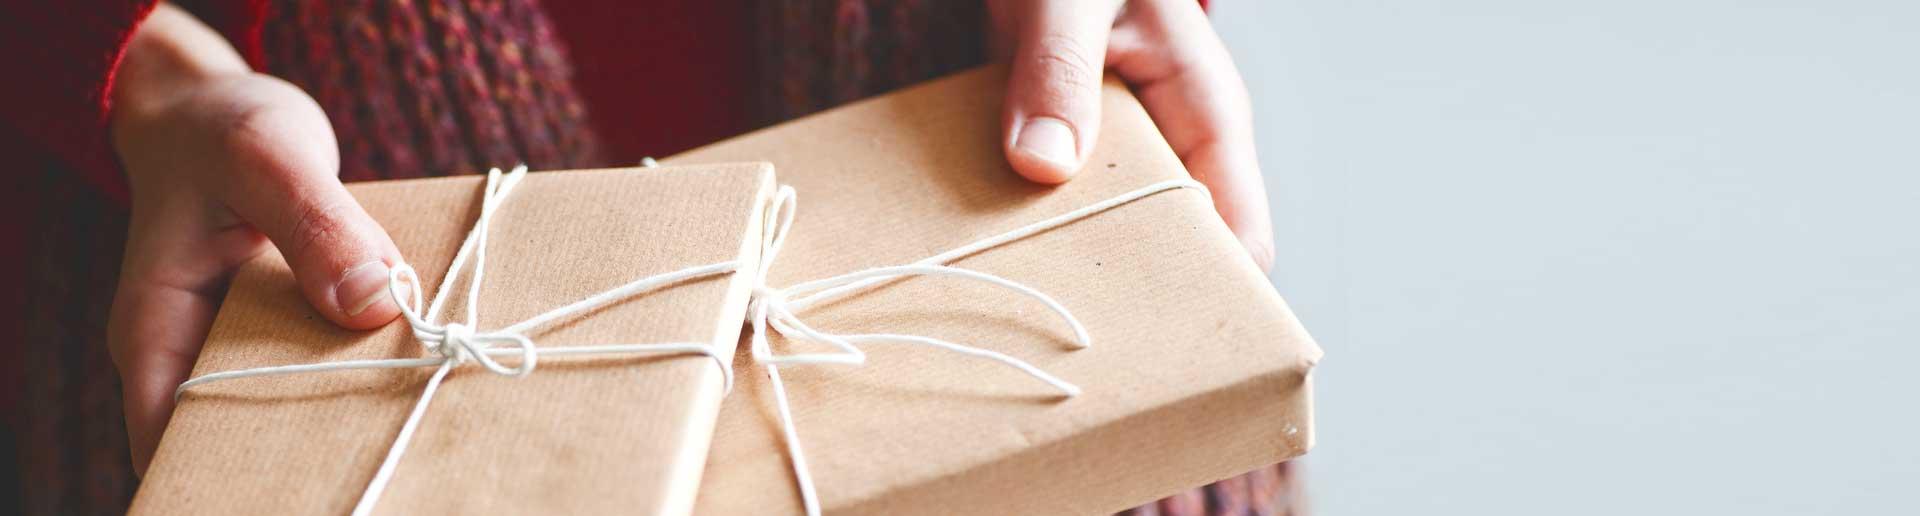 Weihnachtsgeschenke für Kunden und Geschäftspartner